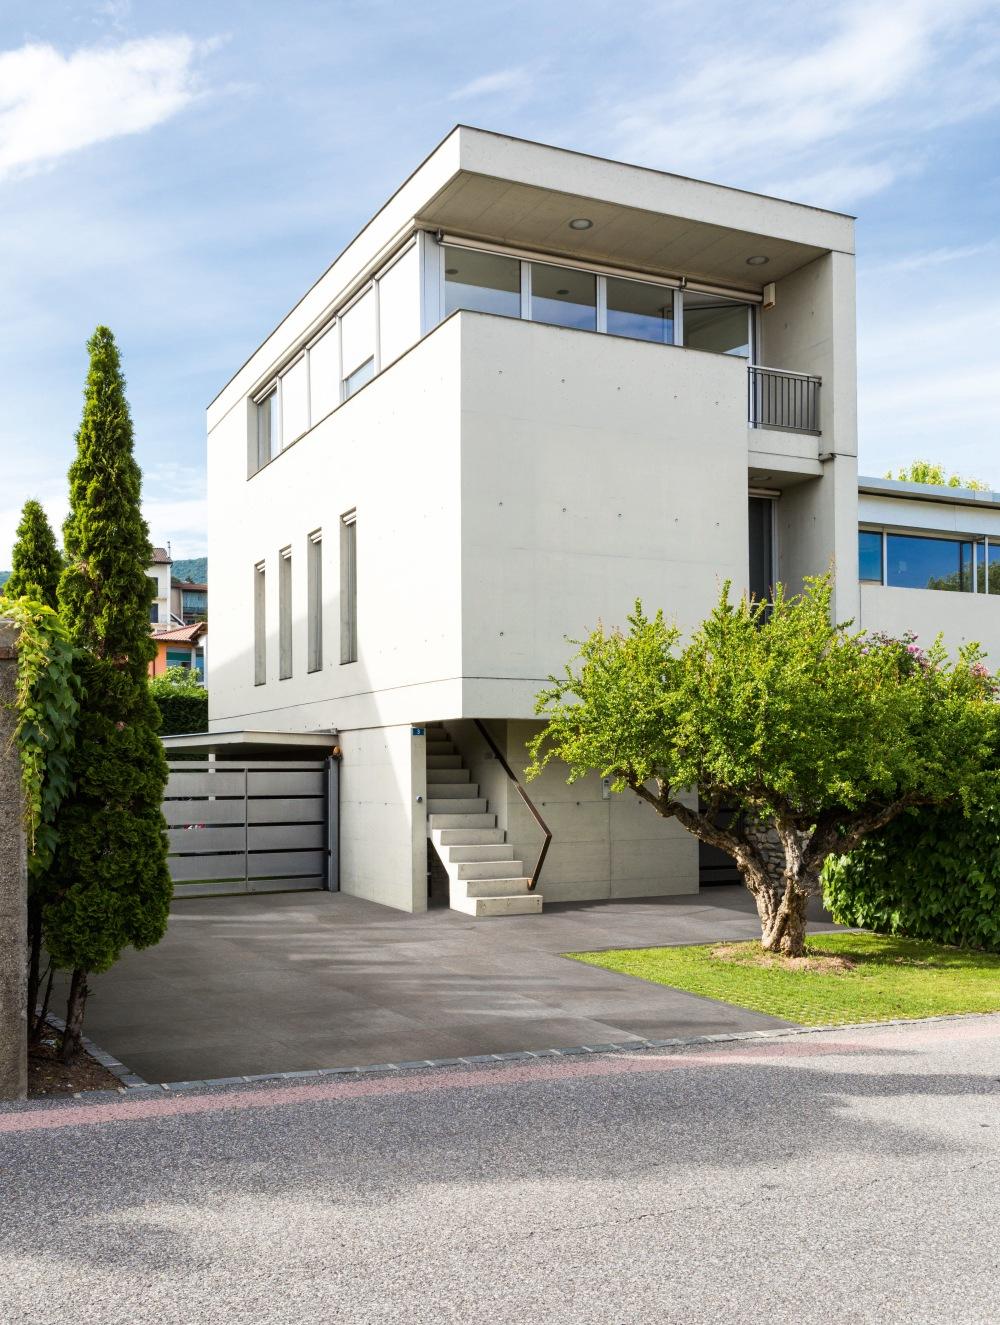 Bild tagen utomhus. Bilden visar ett vitt hus i modern stil med ett garage. På garageuppfarten ligger grå storformatsplattor.